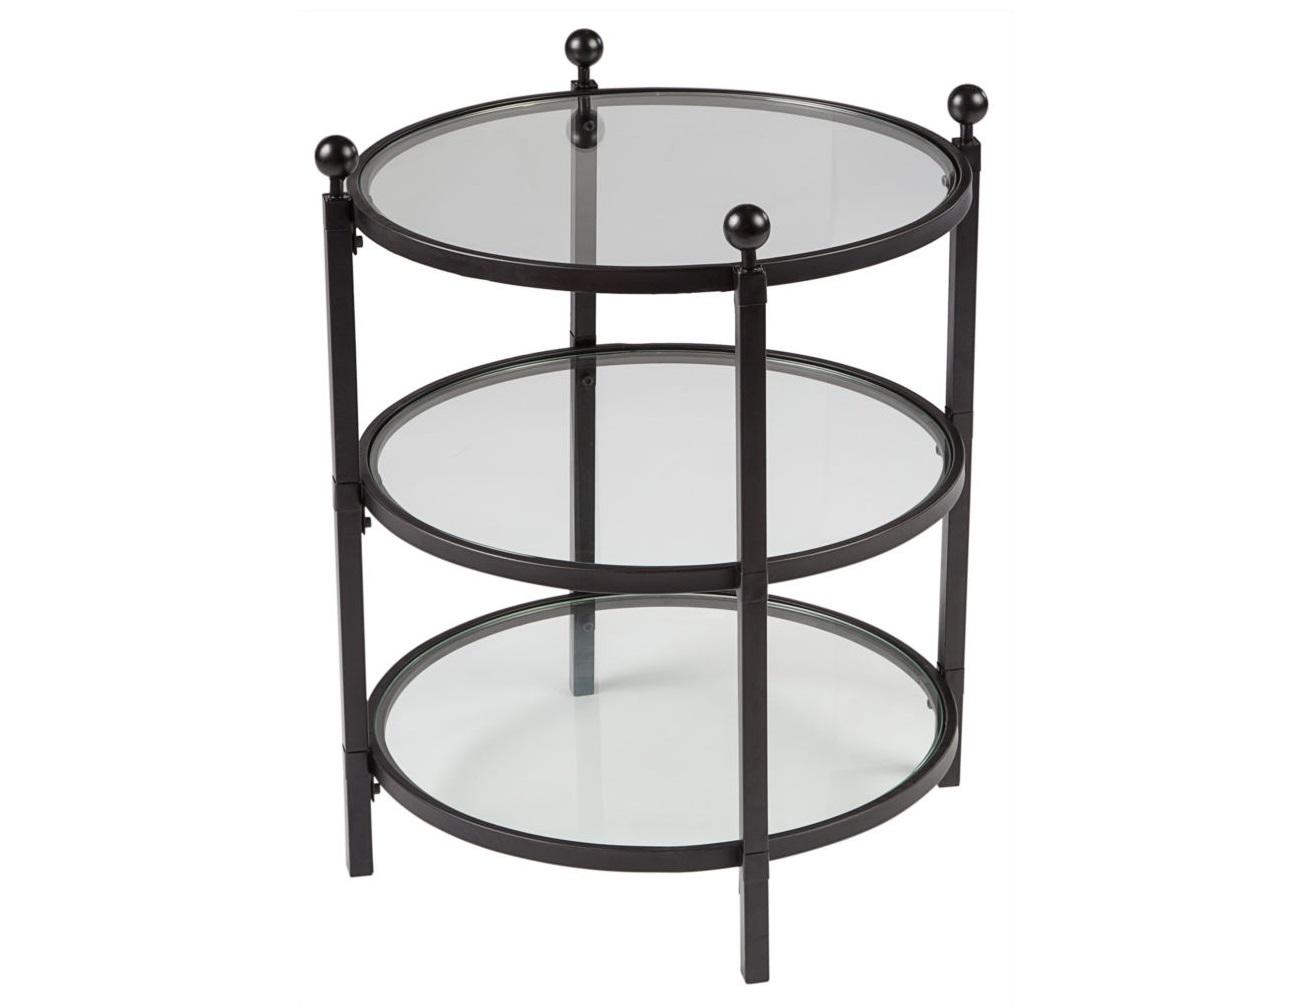 Стол журнальный Glass PlateauЖурнальные столики<br>Три стеклянных столешницы обрамленные в черненный металл могут послужить не только уютным столиком для чашки кофе с темным шоколадом, но и элегантной этажеркой, на которой разместятся авторские предметы декора, любимые кактусы или просто необходимые  каждый день вещицы.<br><br>Material: Стекло<br>Width см: 57<br>Depth см: 57<br>Height см: 66